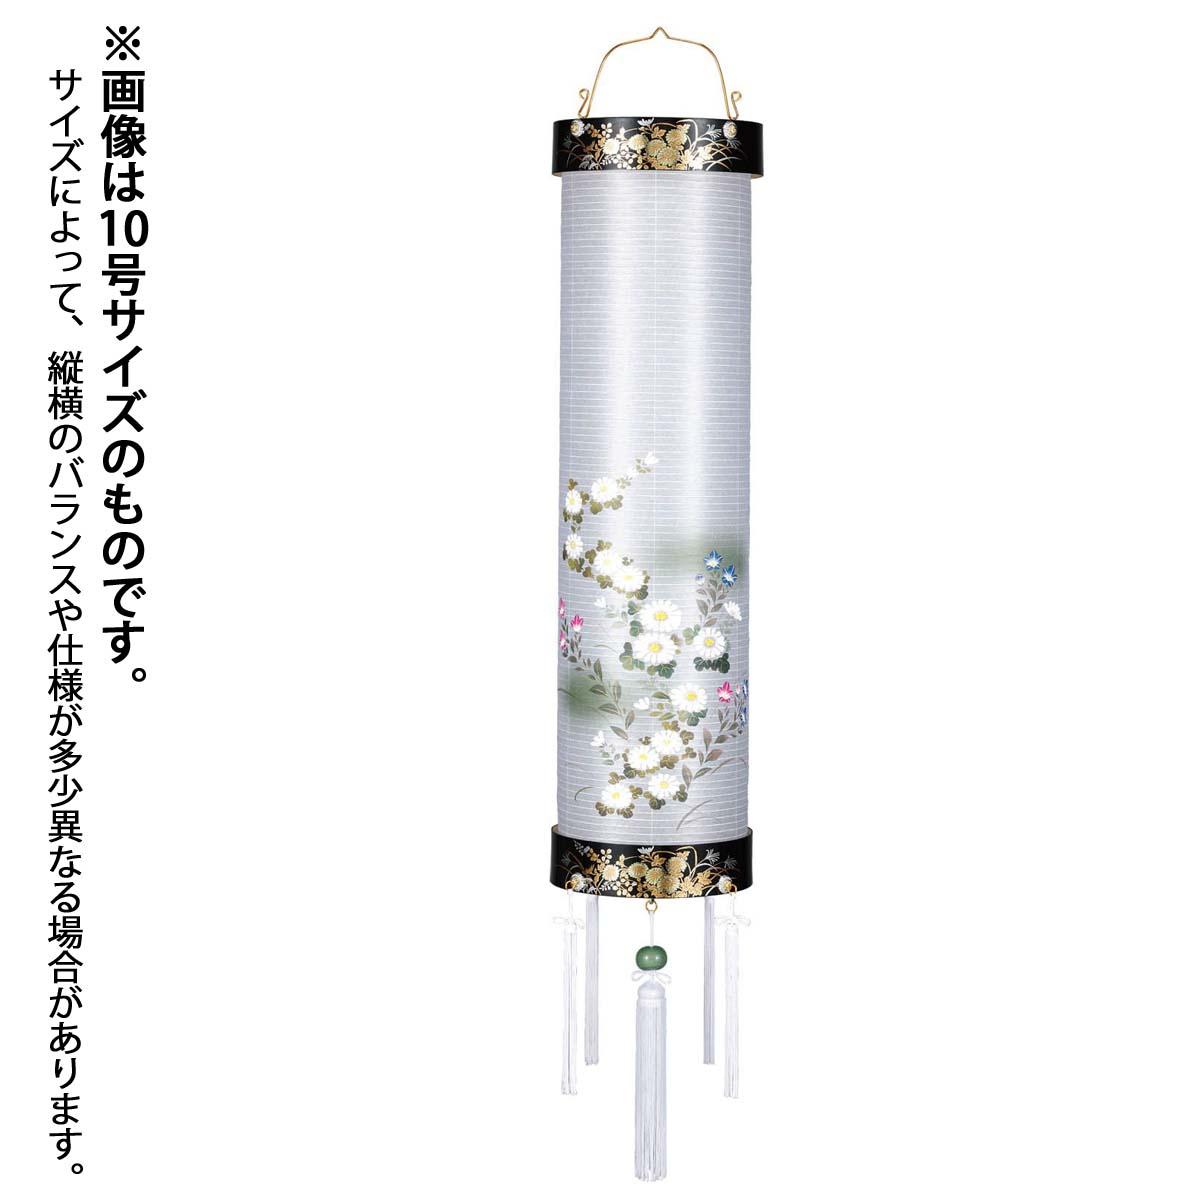 盆提灯 住吉 『 住吉 蒔絵 絵入 8号 』 BCG-825-3043木製 電気コード式 LED 筒型 円筒 吊り型 吊り下げ 吊り提灯